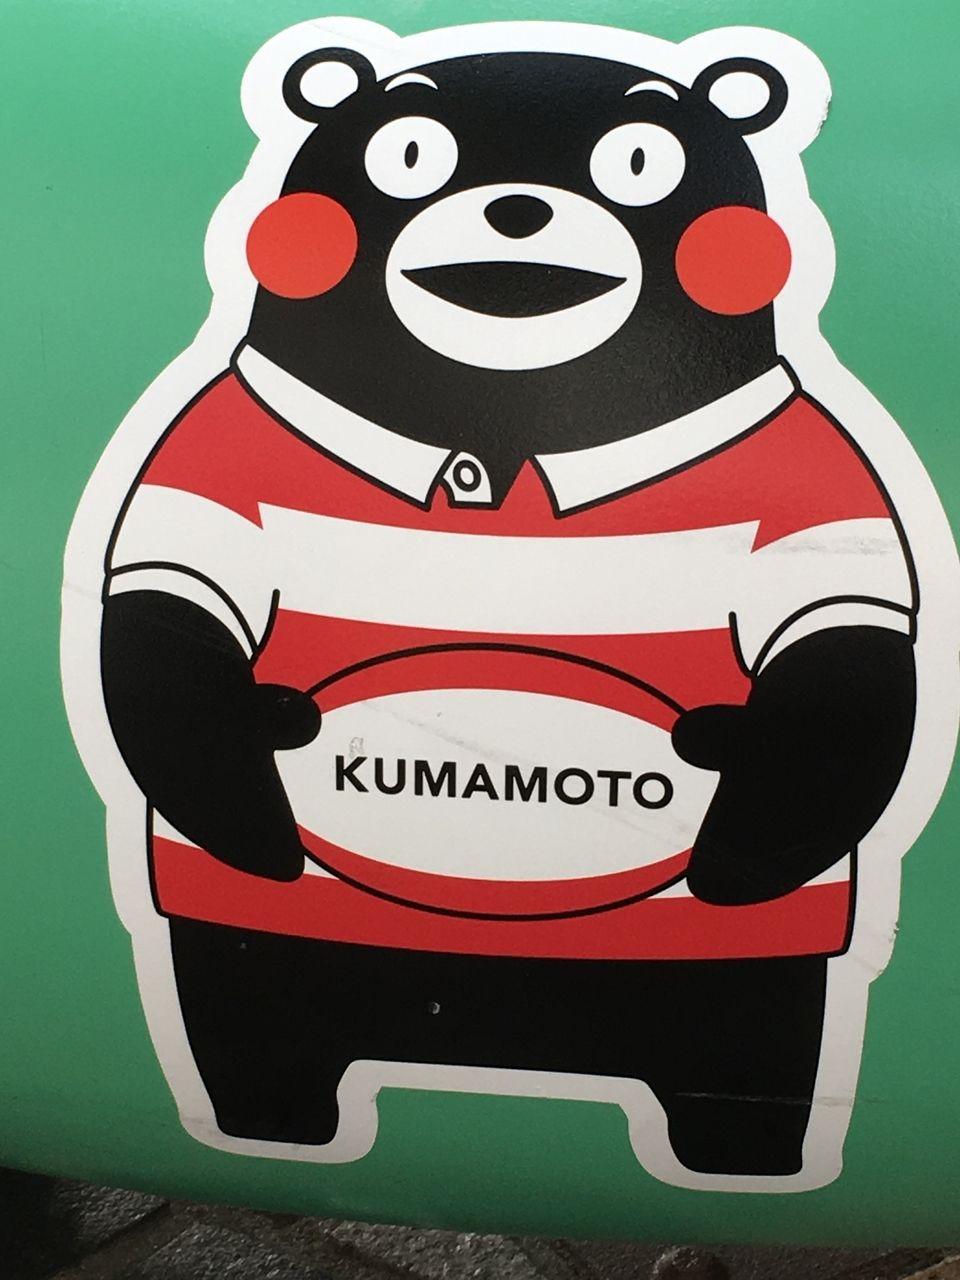 ラクビーボウルをかかえてラクビーワールドカップの応援をしている「くまモン」